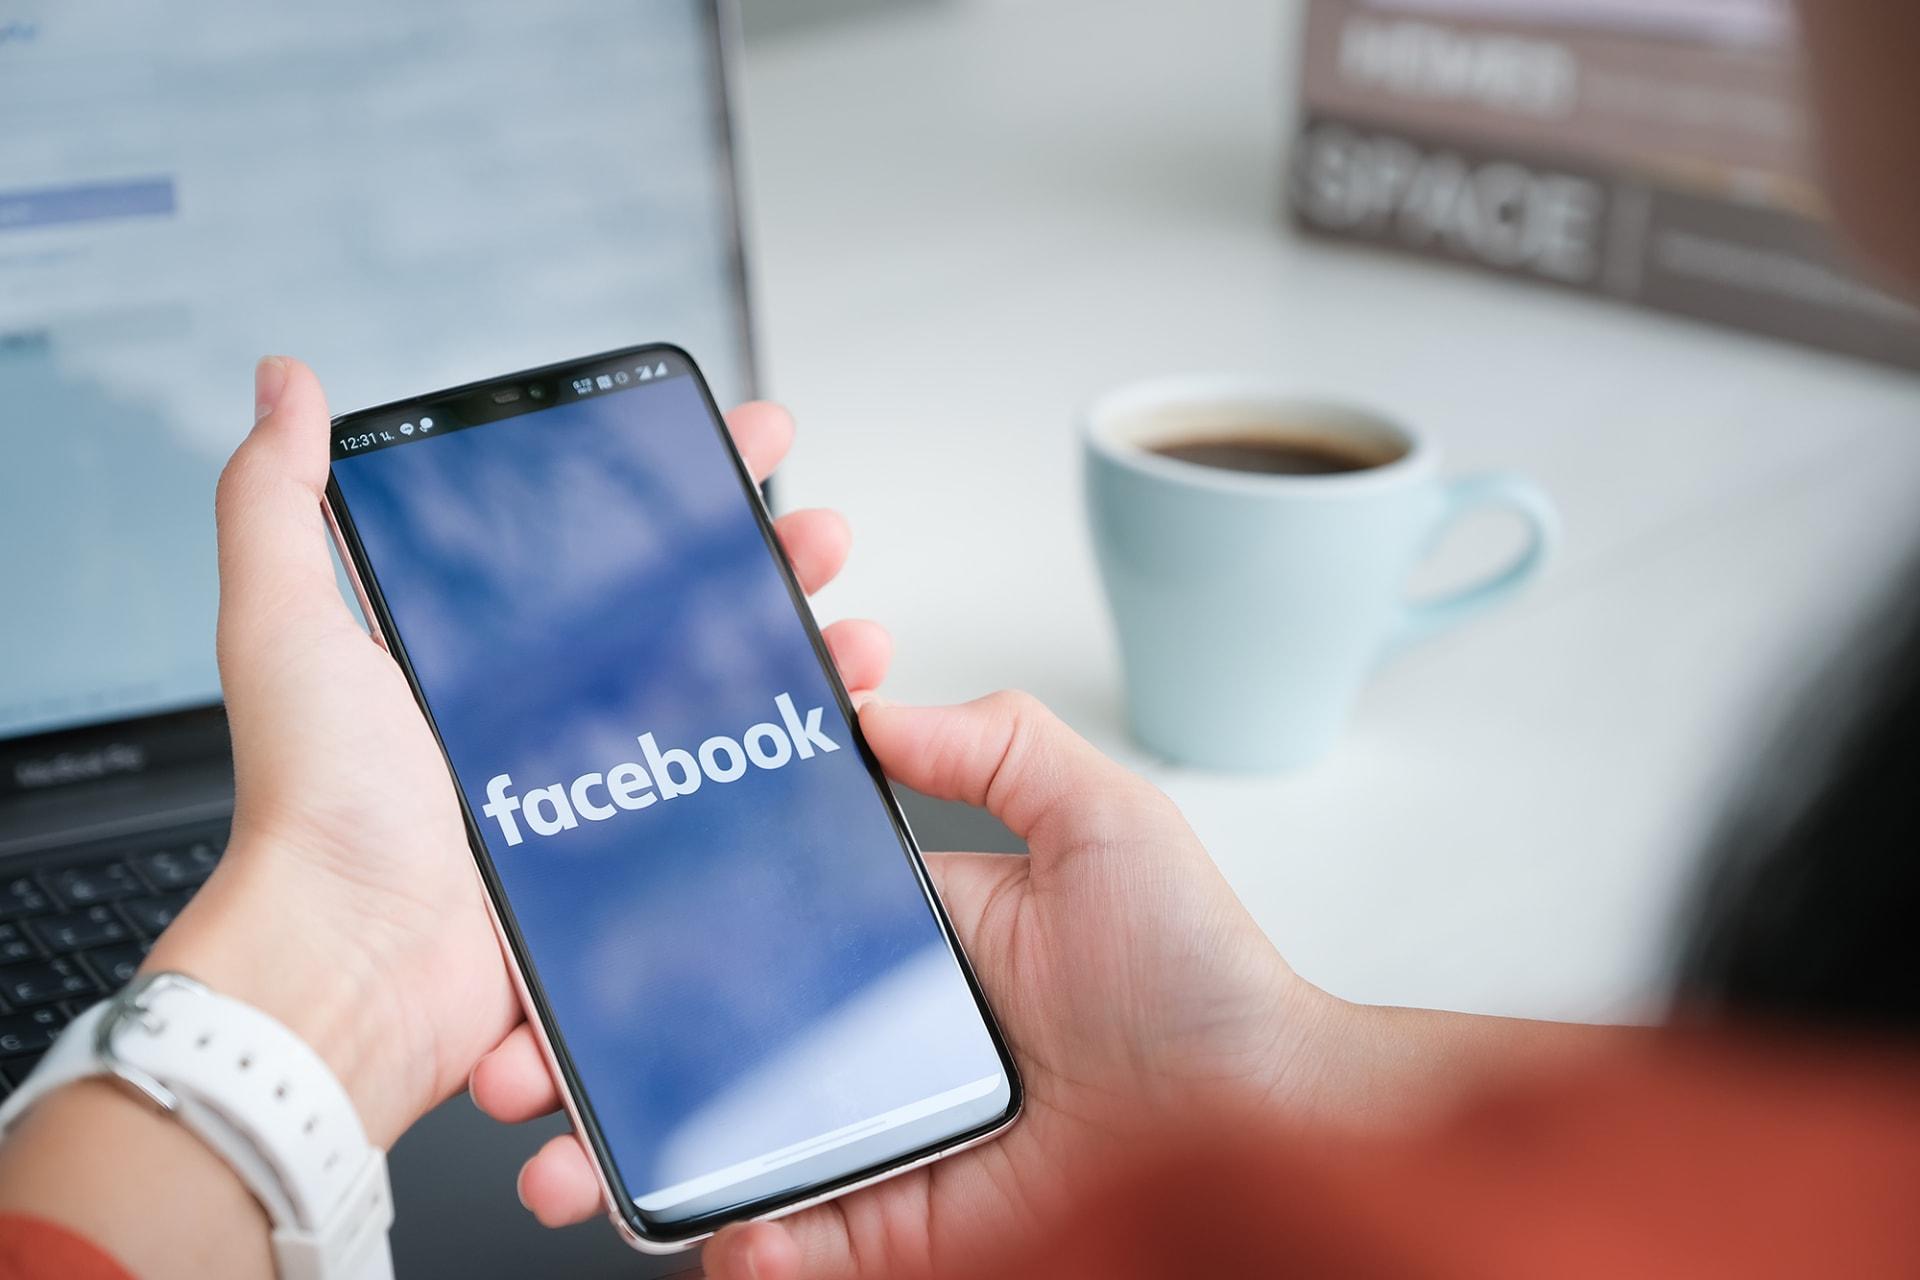 فيسبوك: روسيا وإيران الأكثر مشاركة للمعلومات المضللة على المنصة